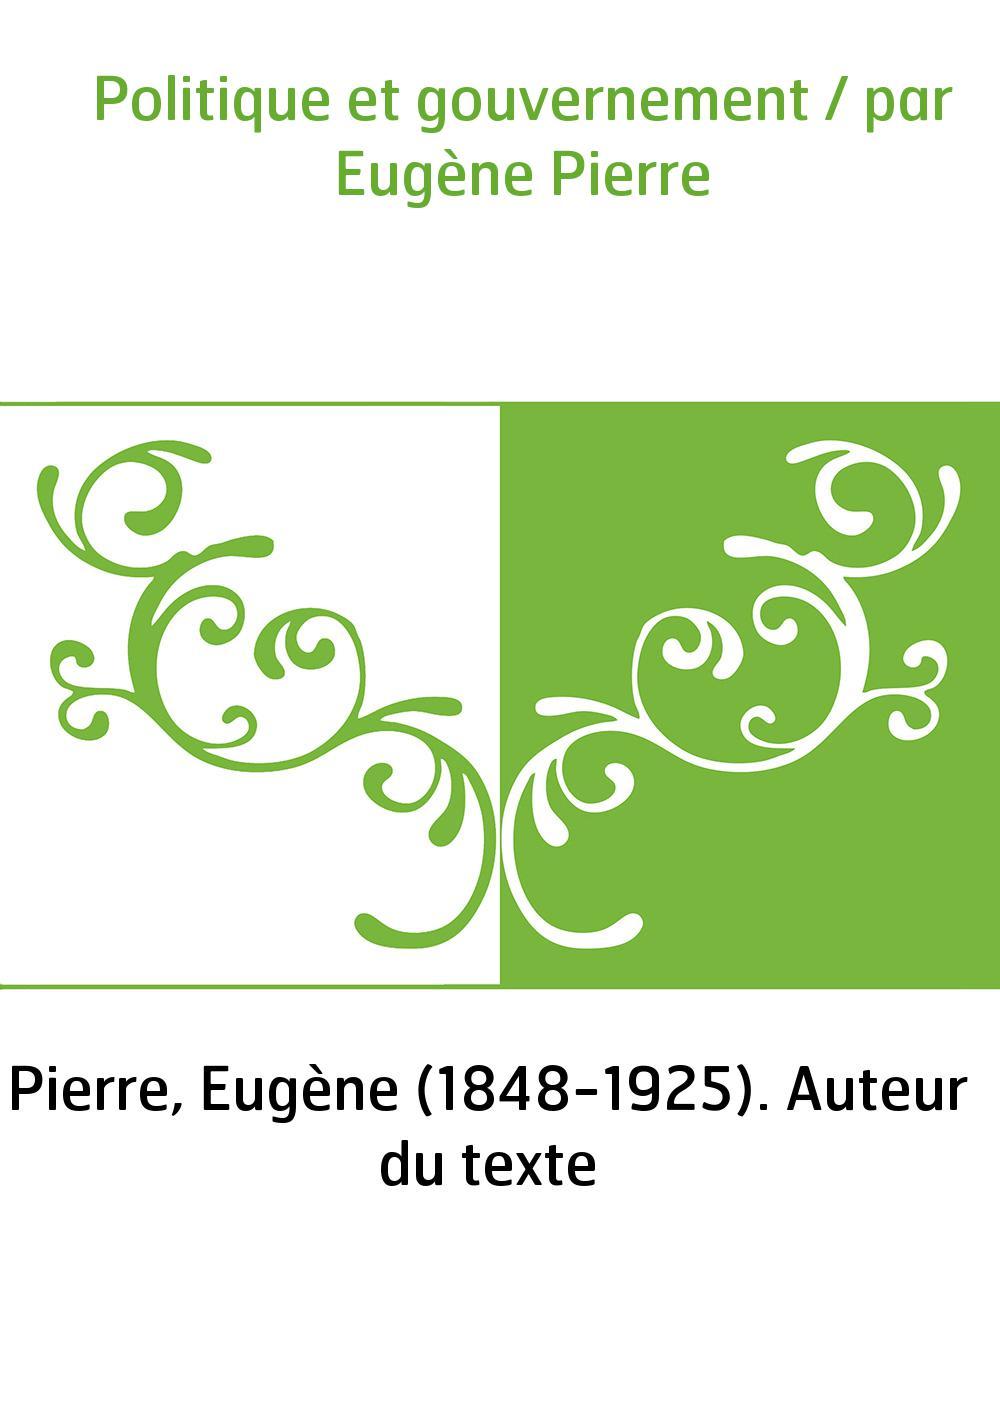 Politique et gouvernement / par Eugène Pierre